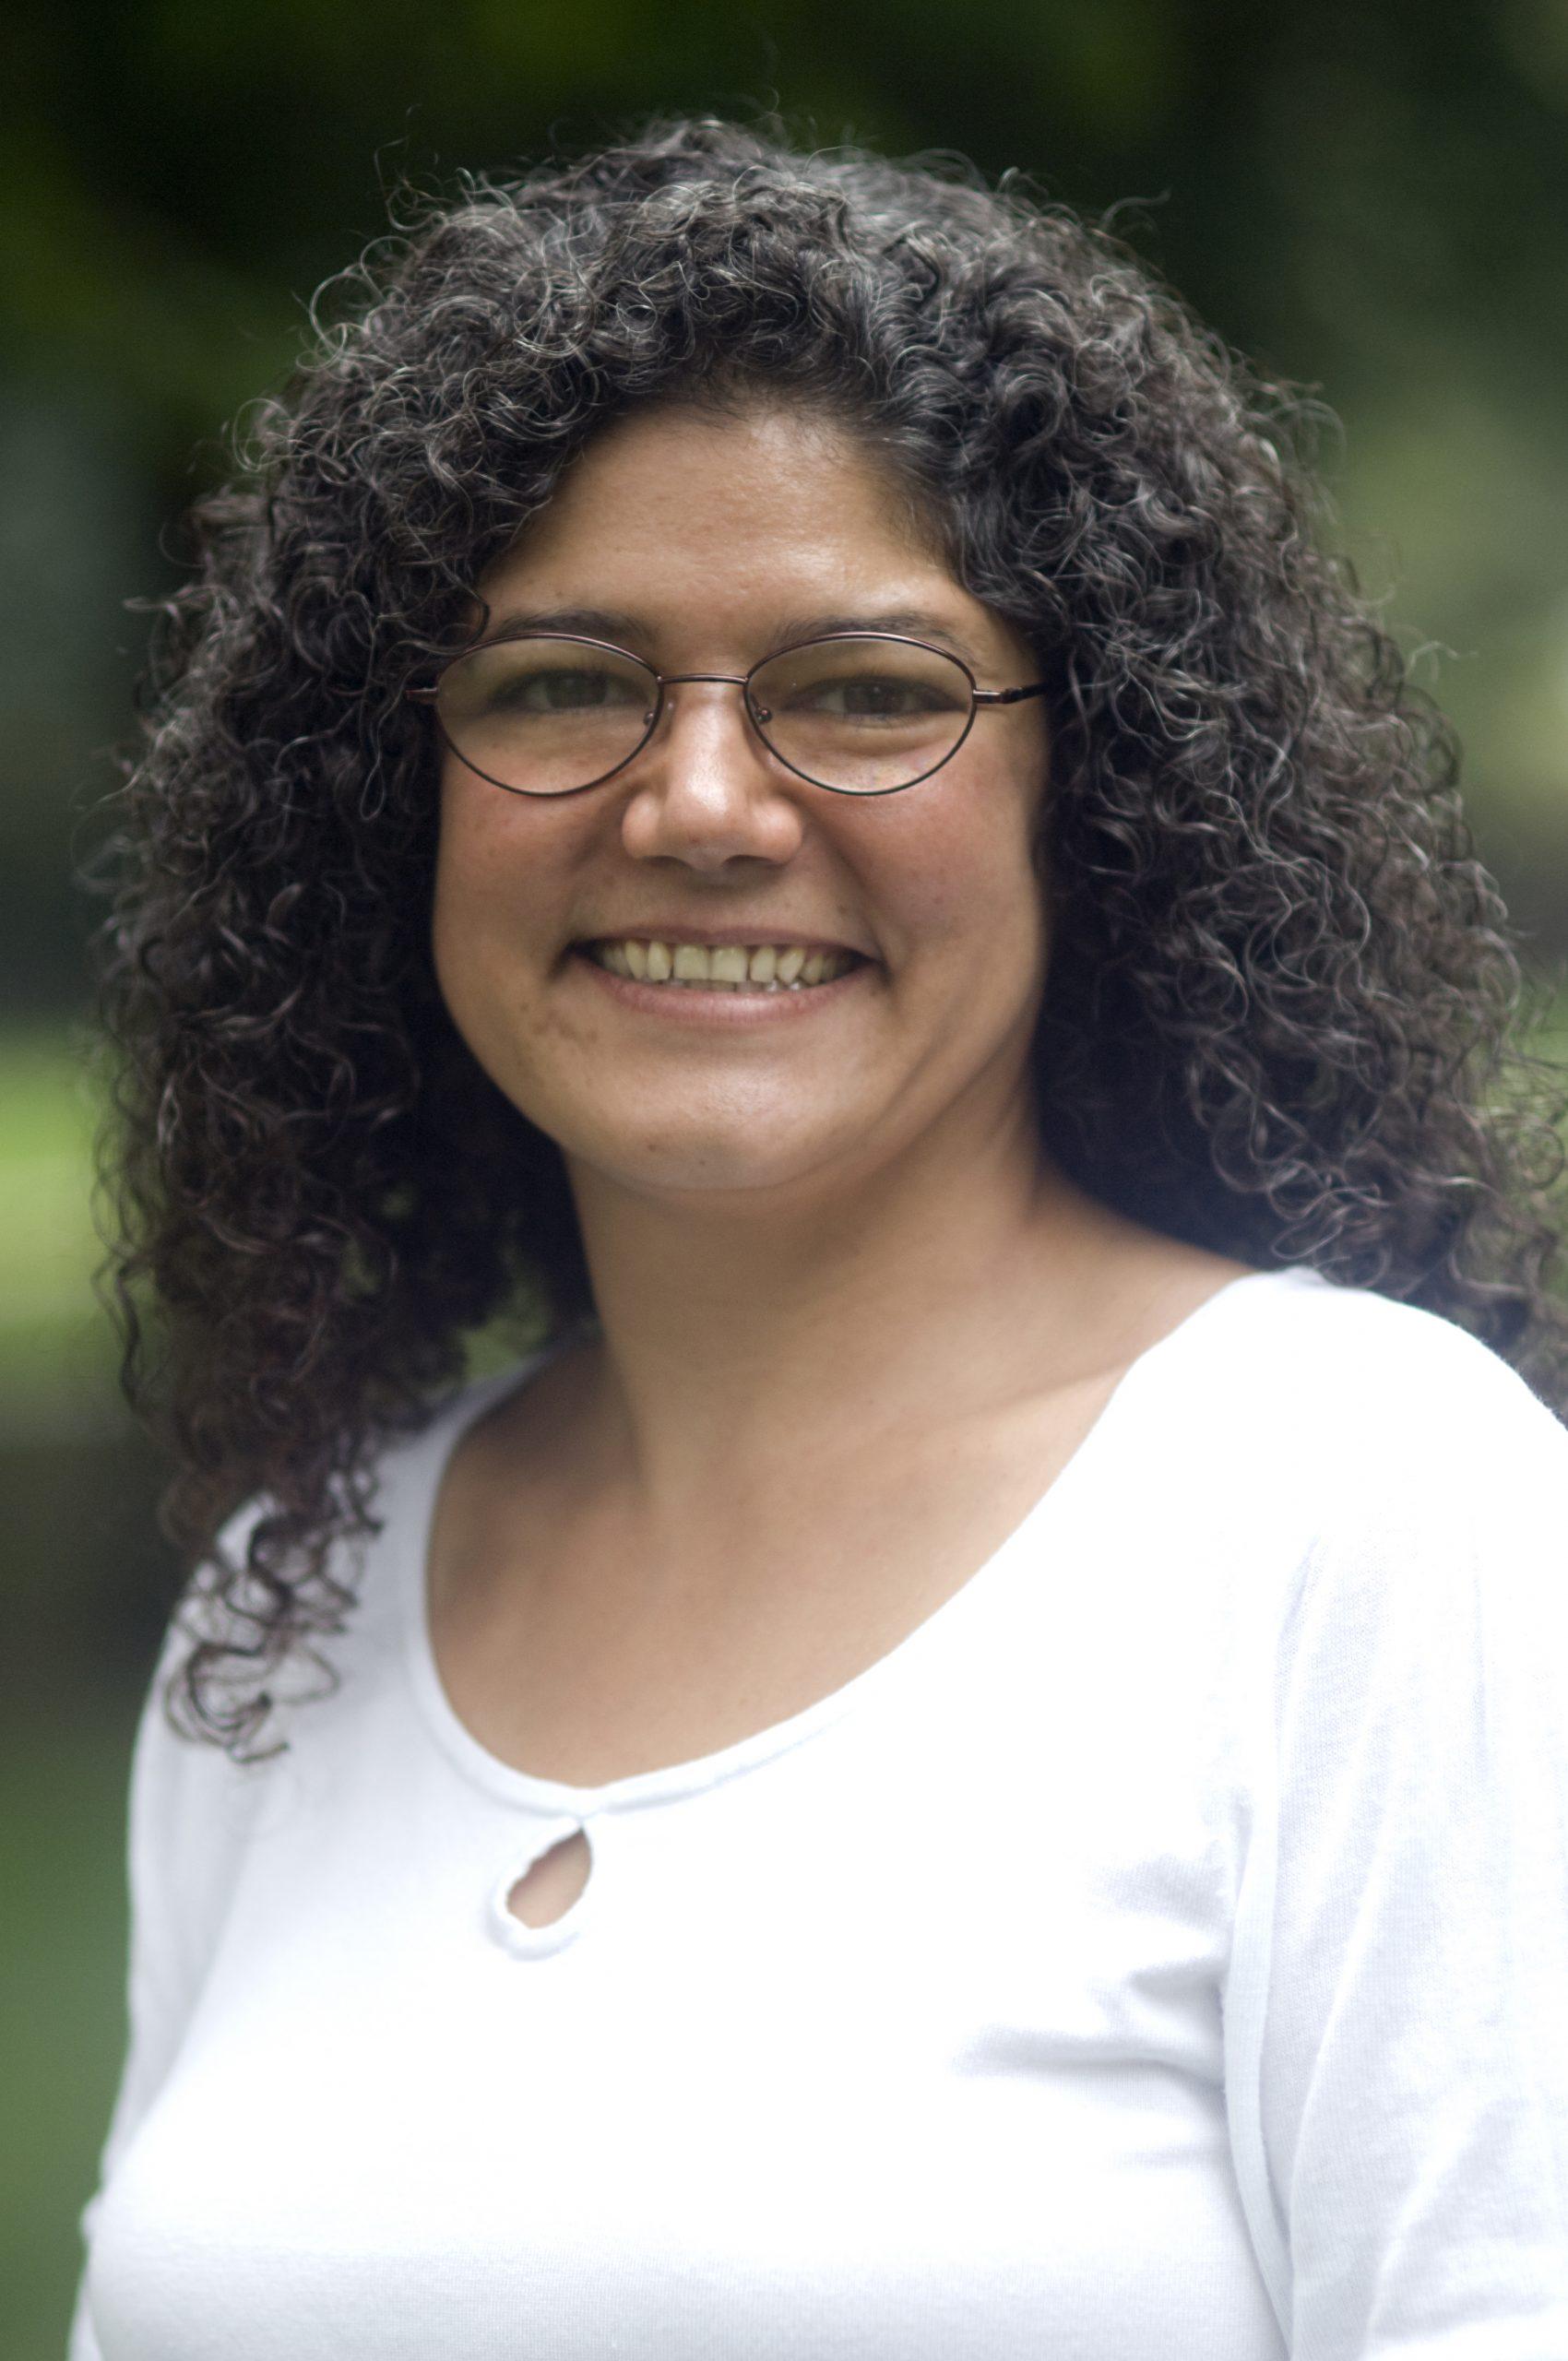 Headshot of Julianne Bruneau